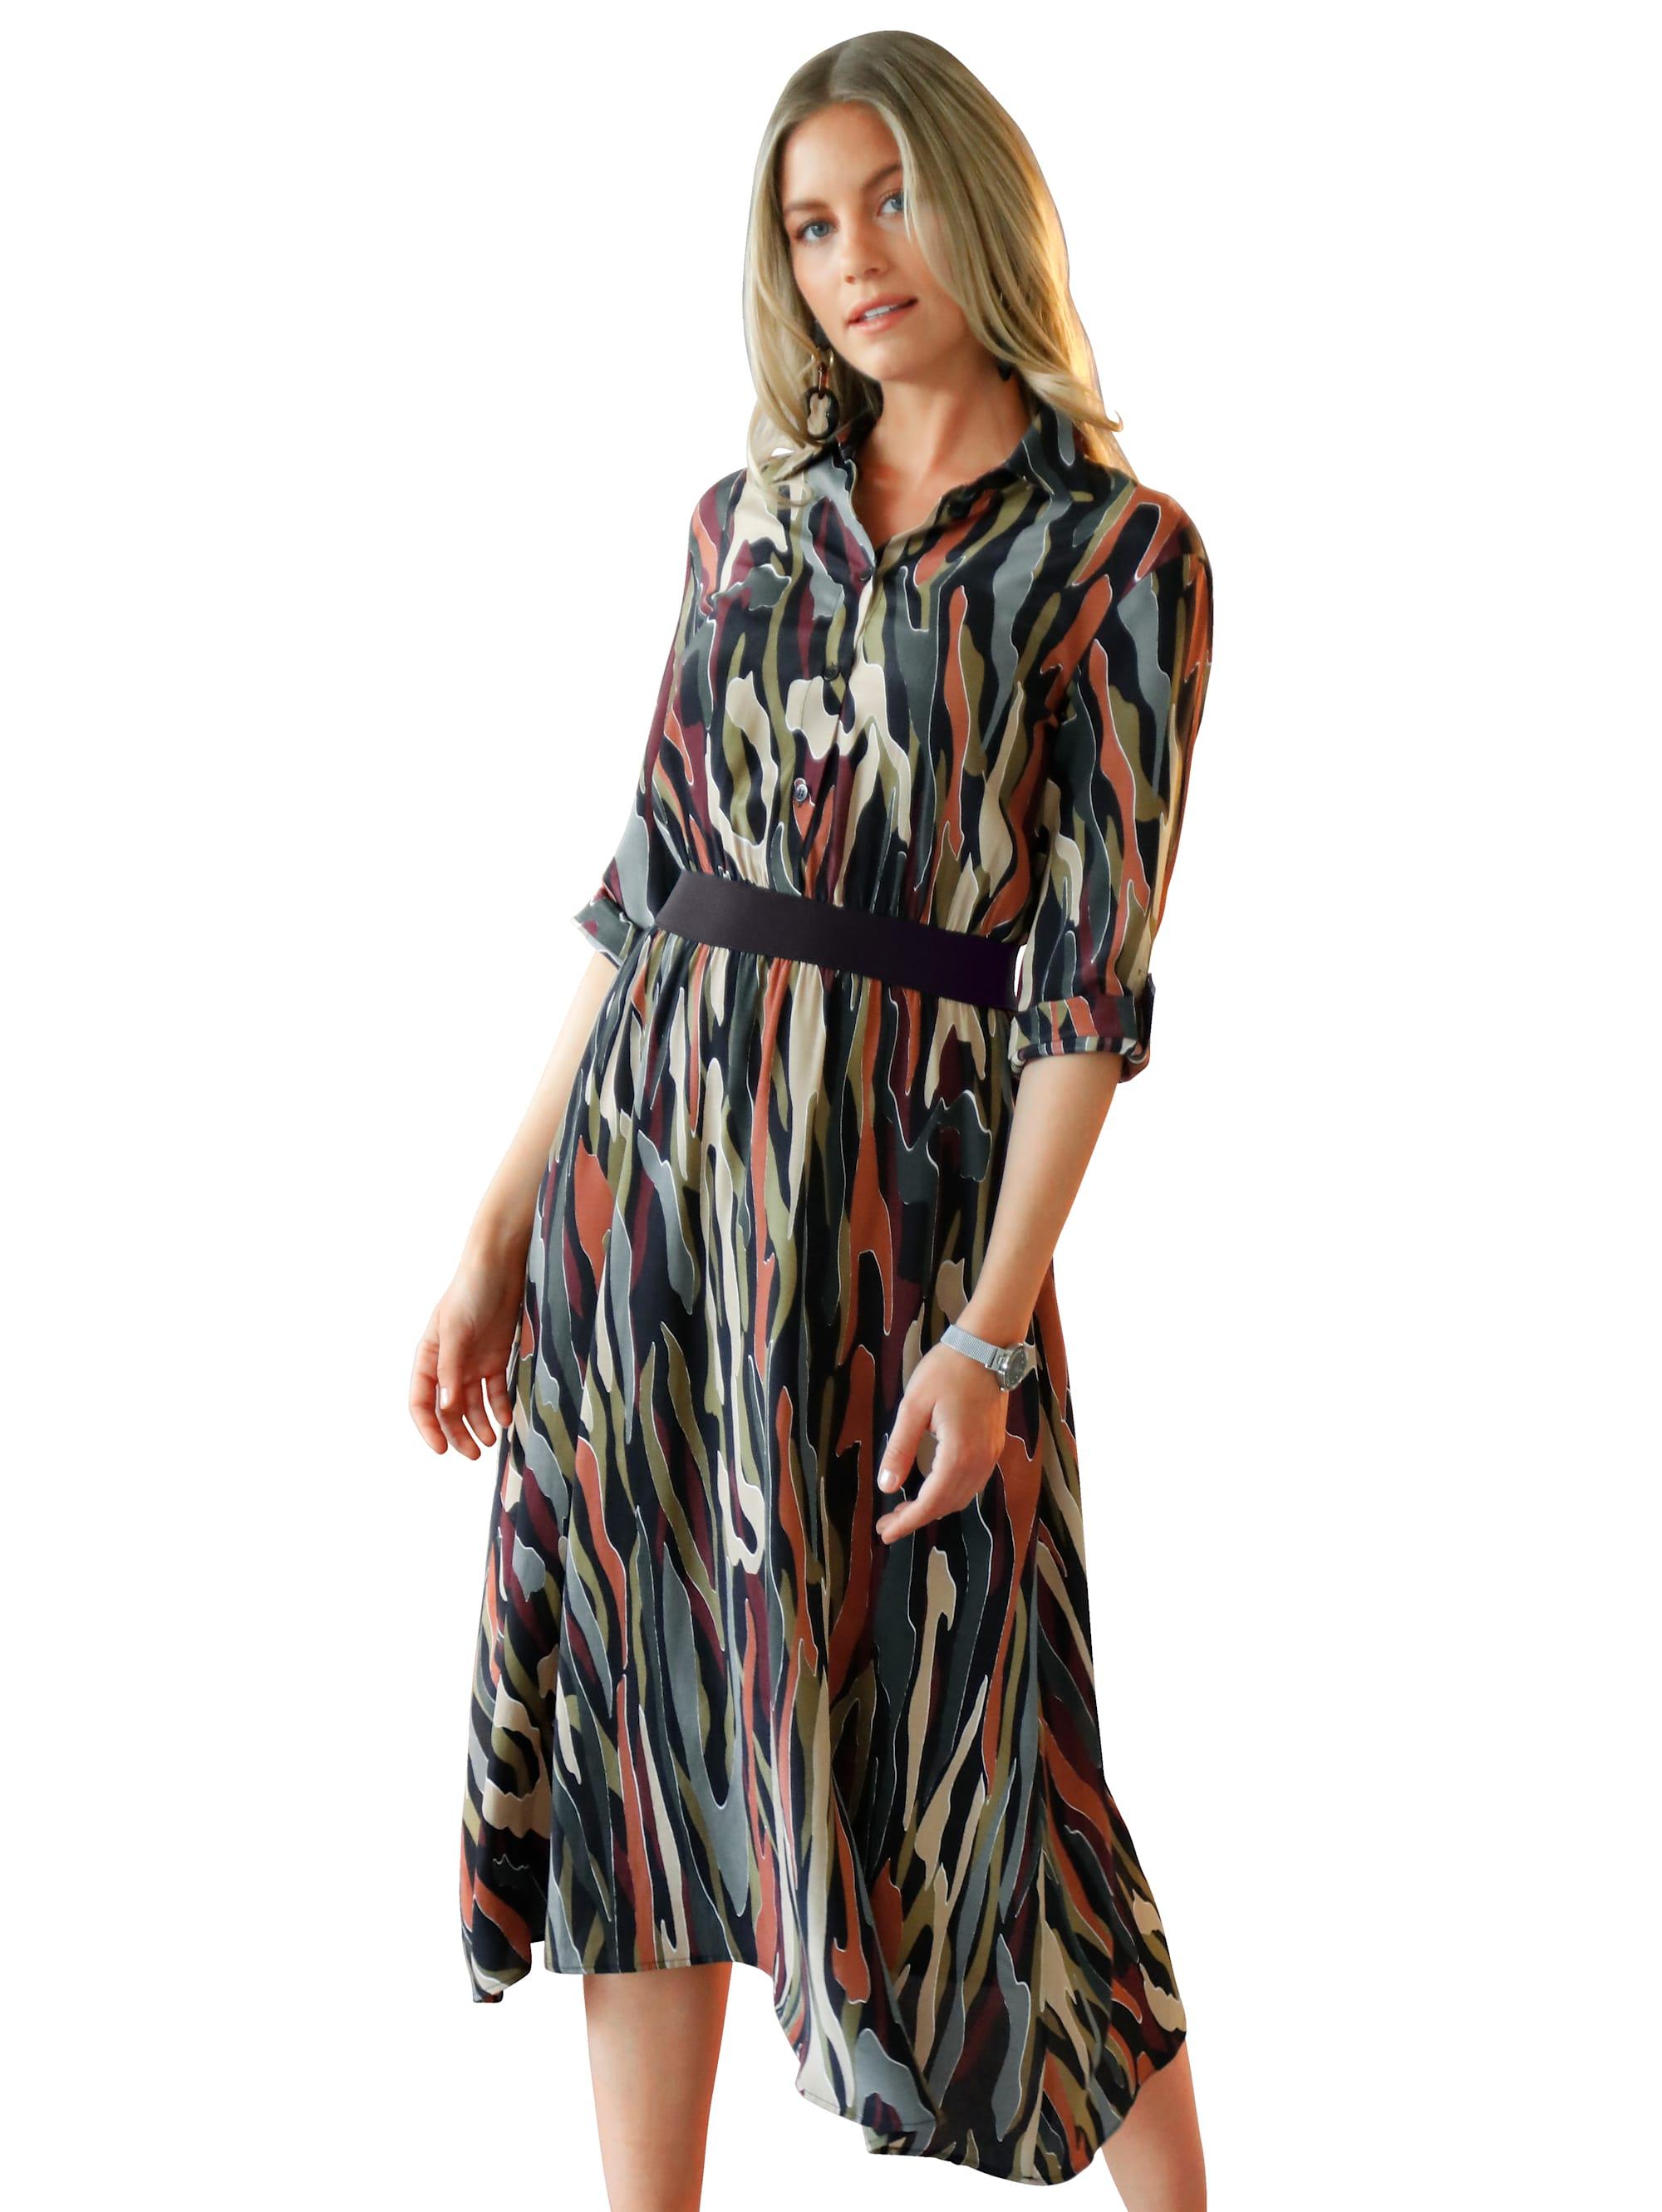 AMY VERMONT Kleid mit Allover-Druck DnmNT Nl3L1